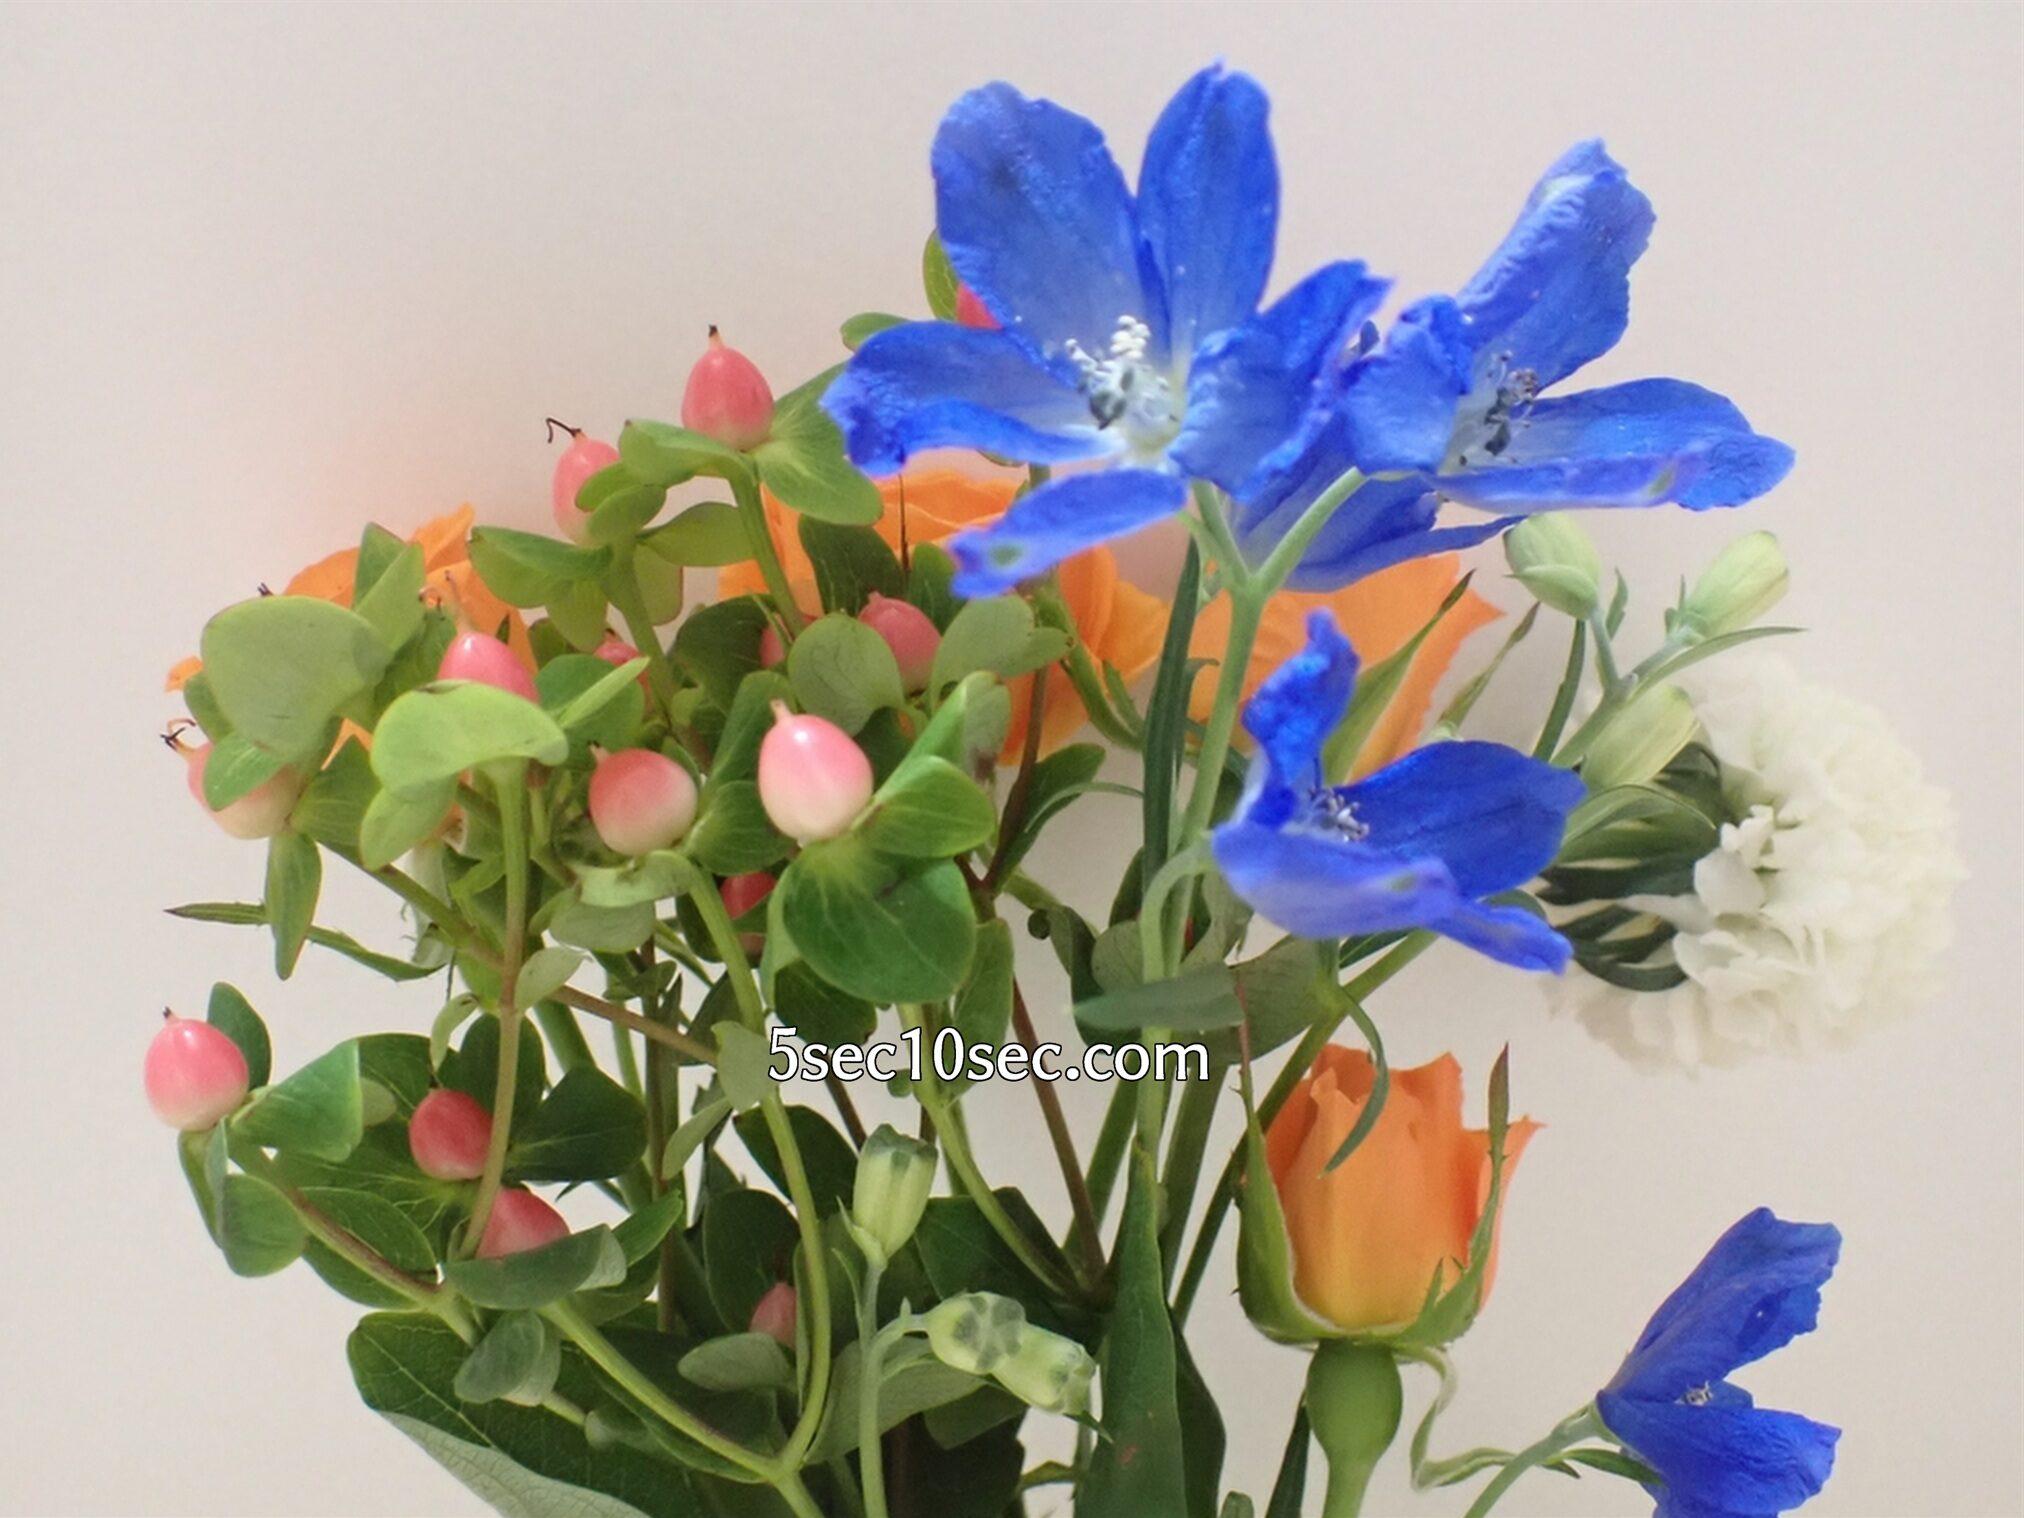 Bloomee LIFE(ブルーミーライフ)レギュラープラン 今週のお花 色んな種類のお花で作られたブーケ